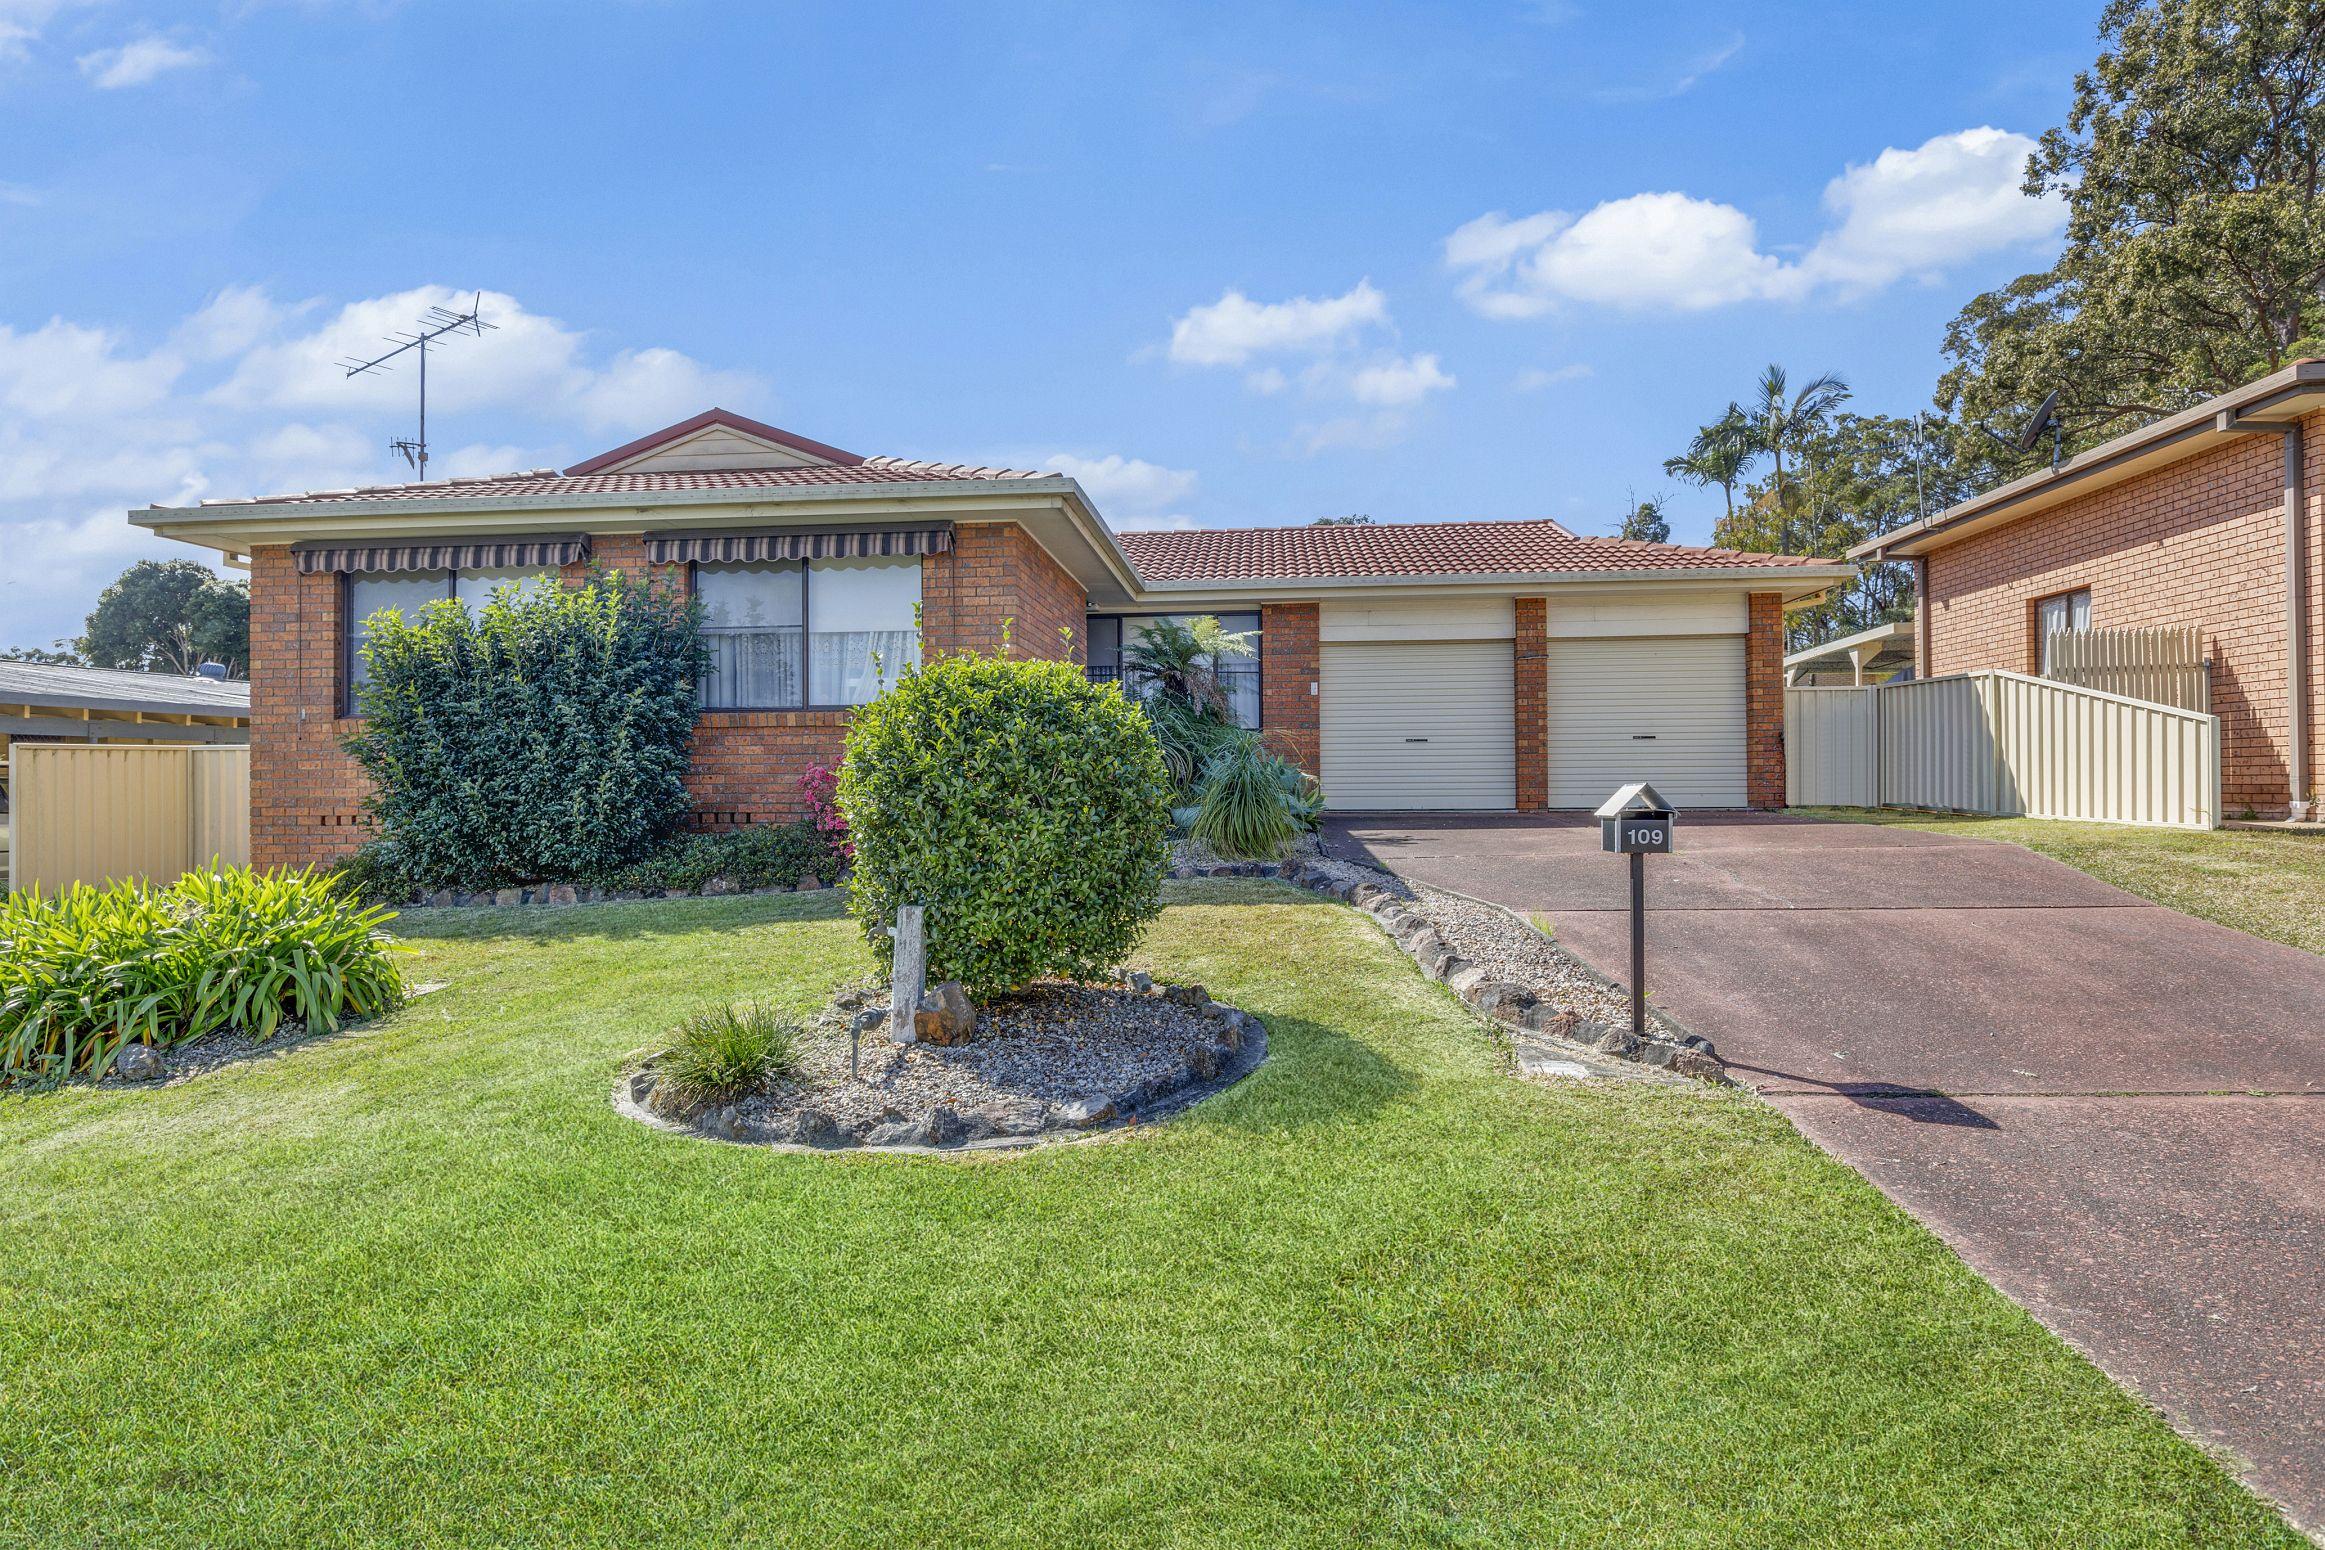 109 Sirius Dr, LAKEWOOD NSW 2443